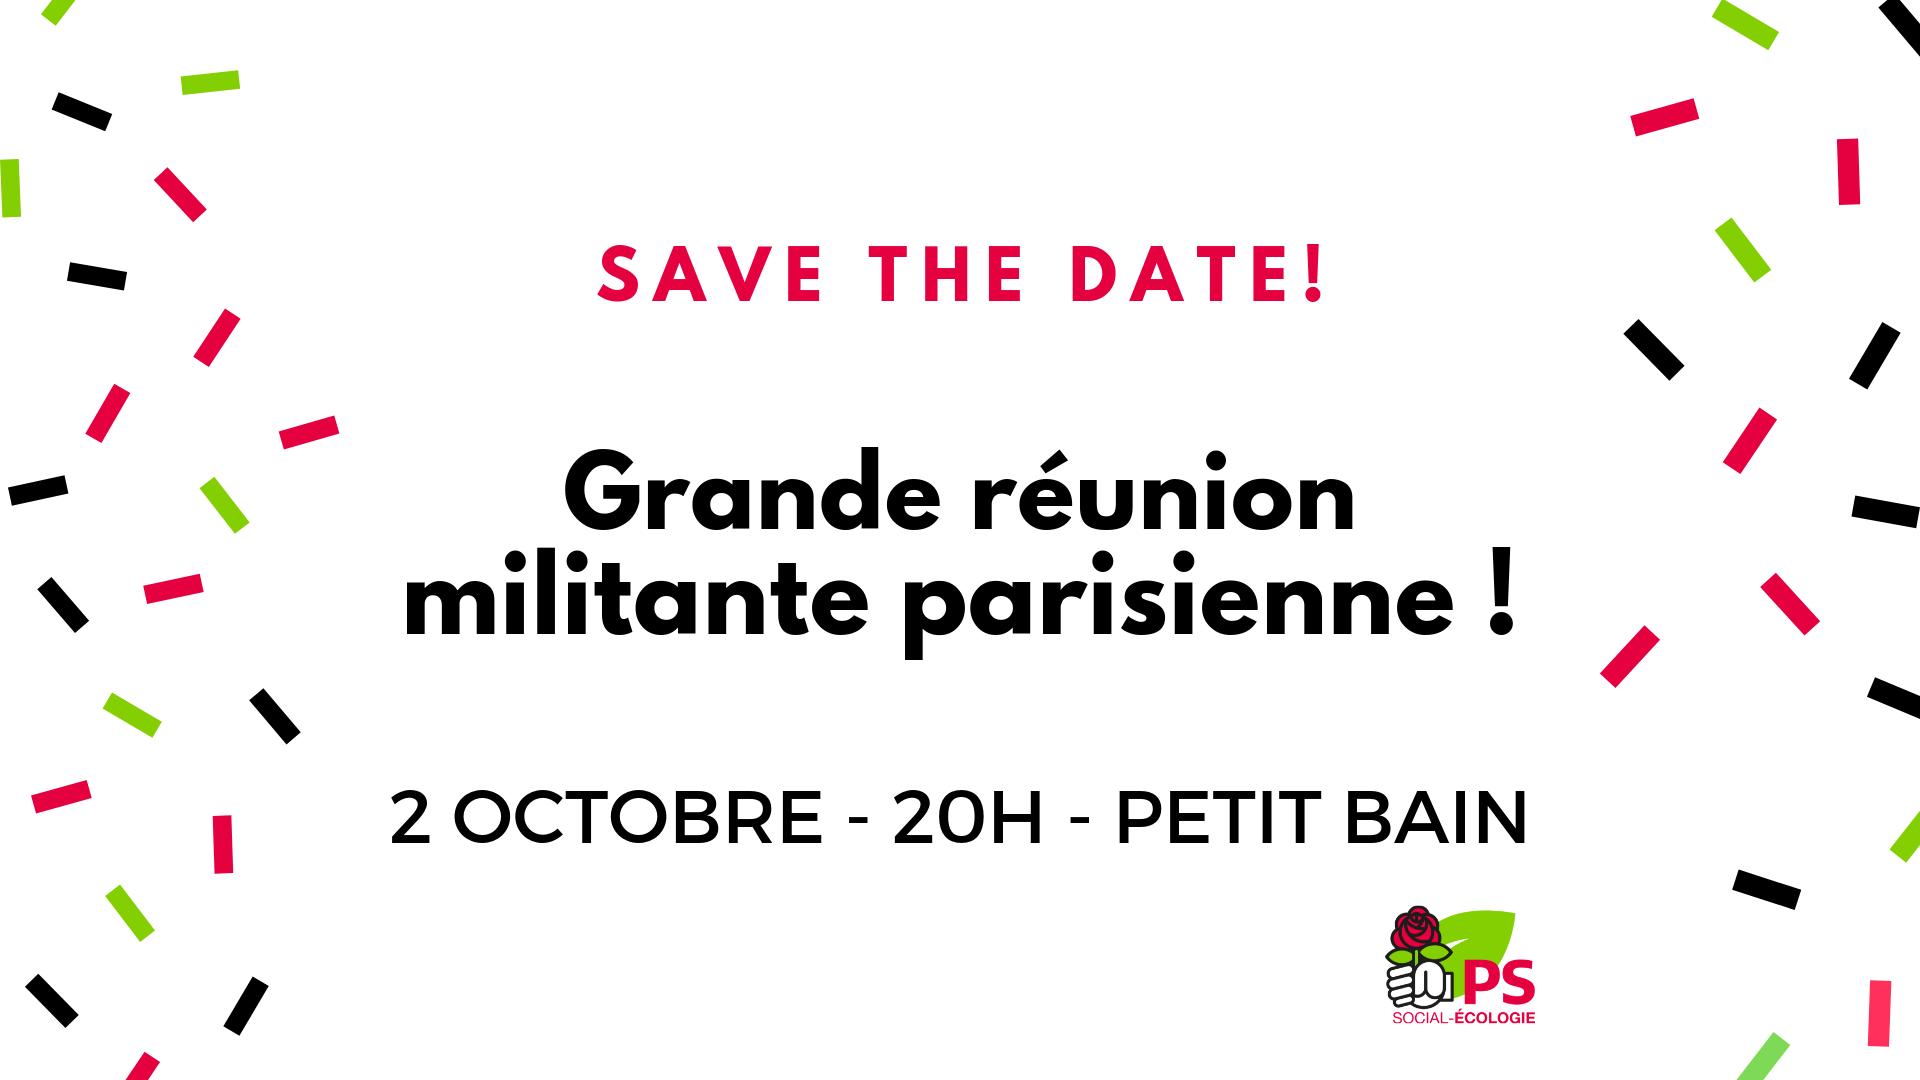 Save the date ! Grande réunion militante parisienne ! 2 octobre à 20h au Petit Bain